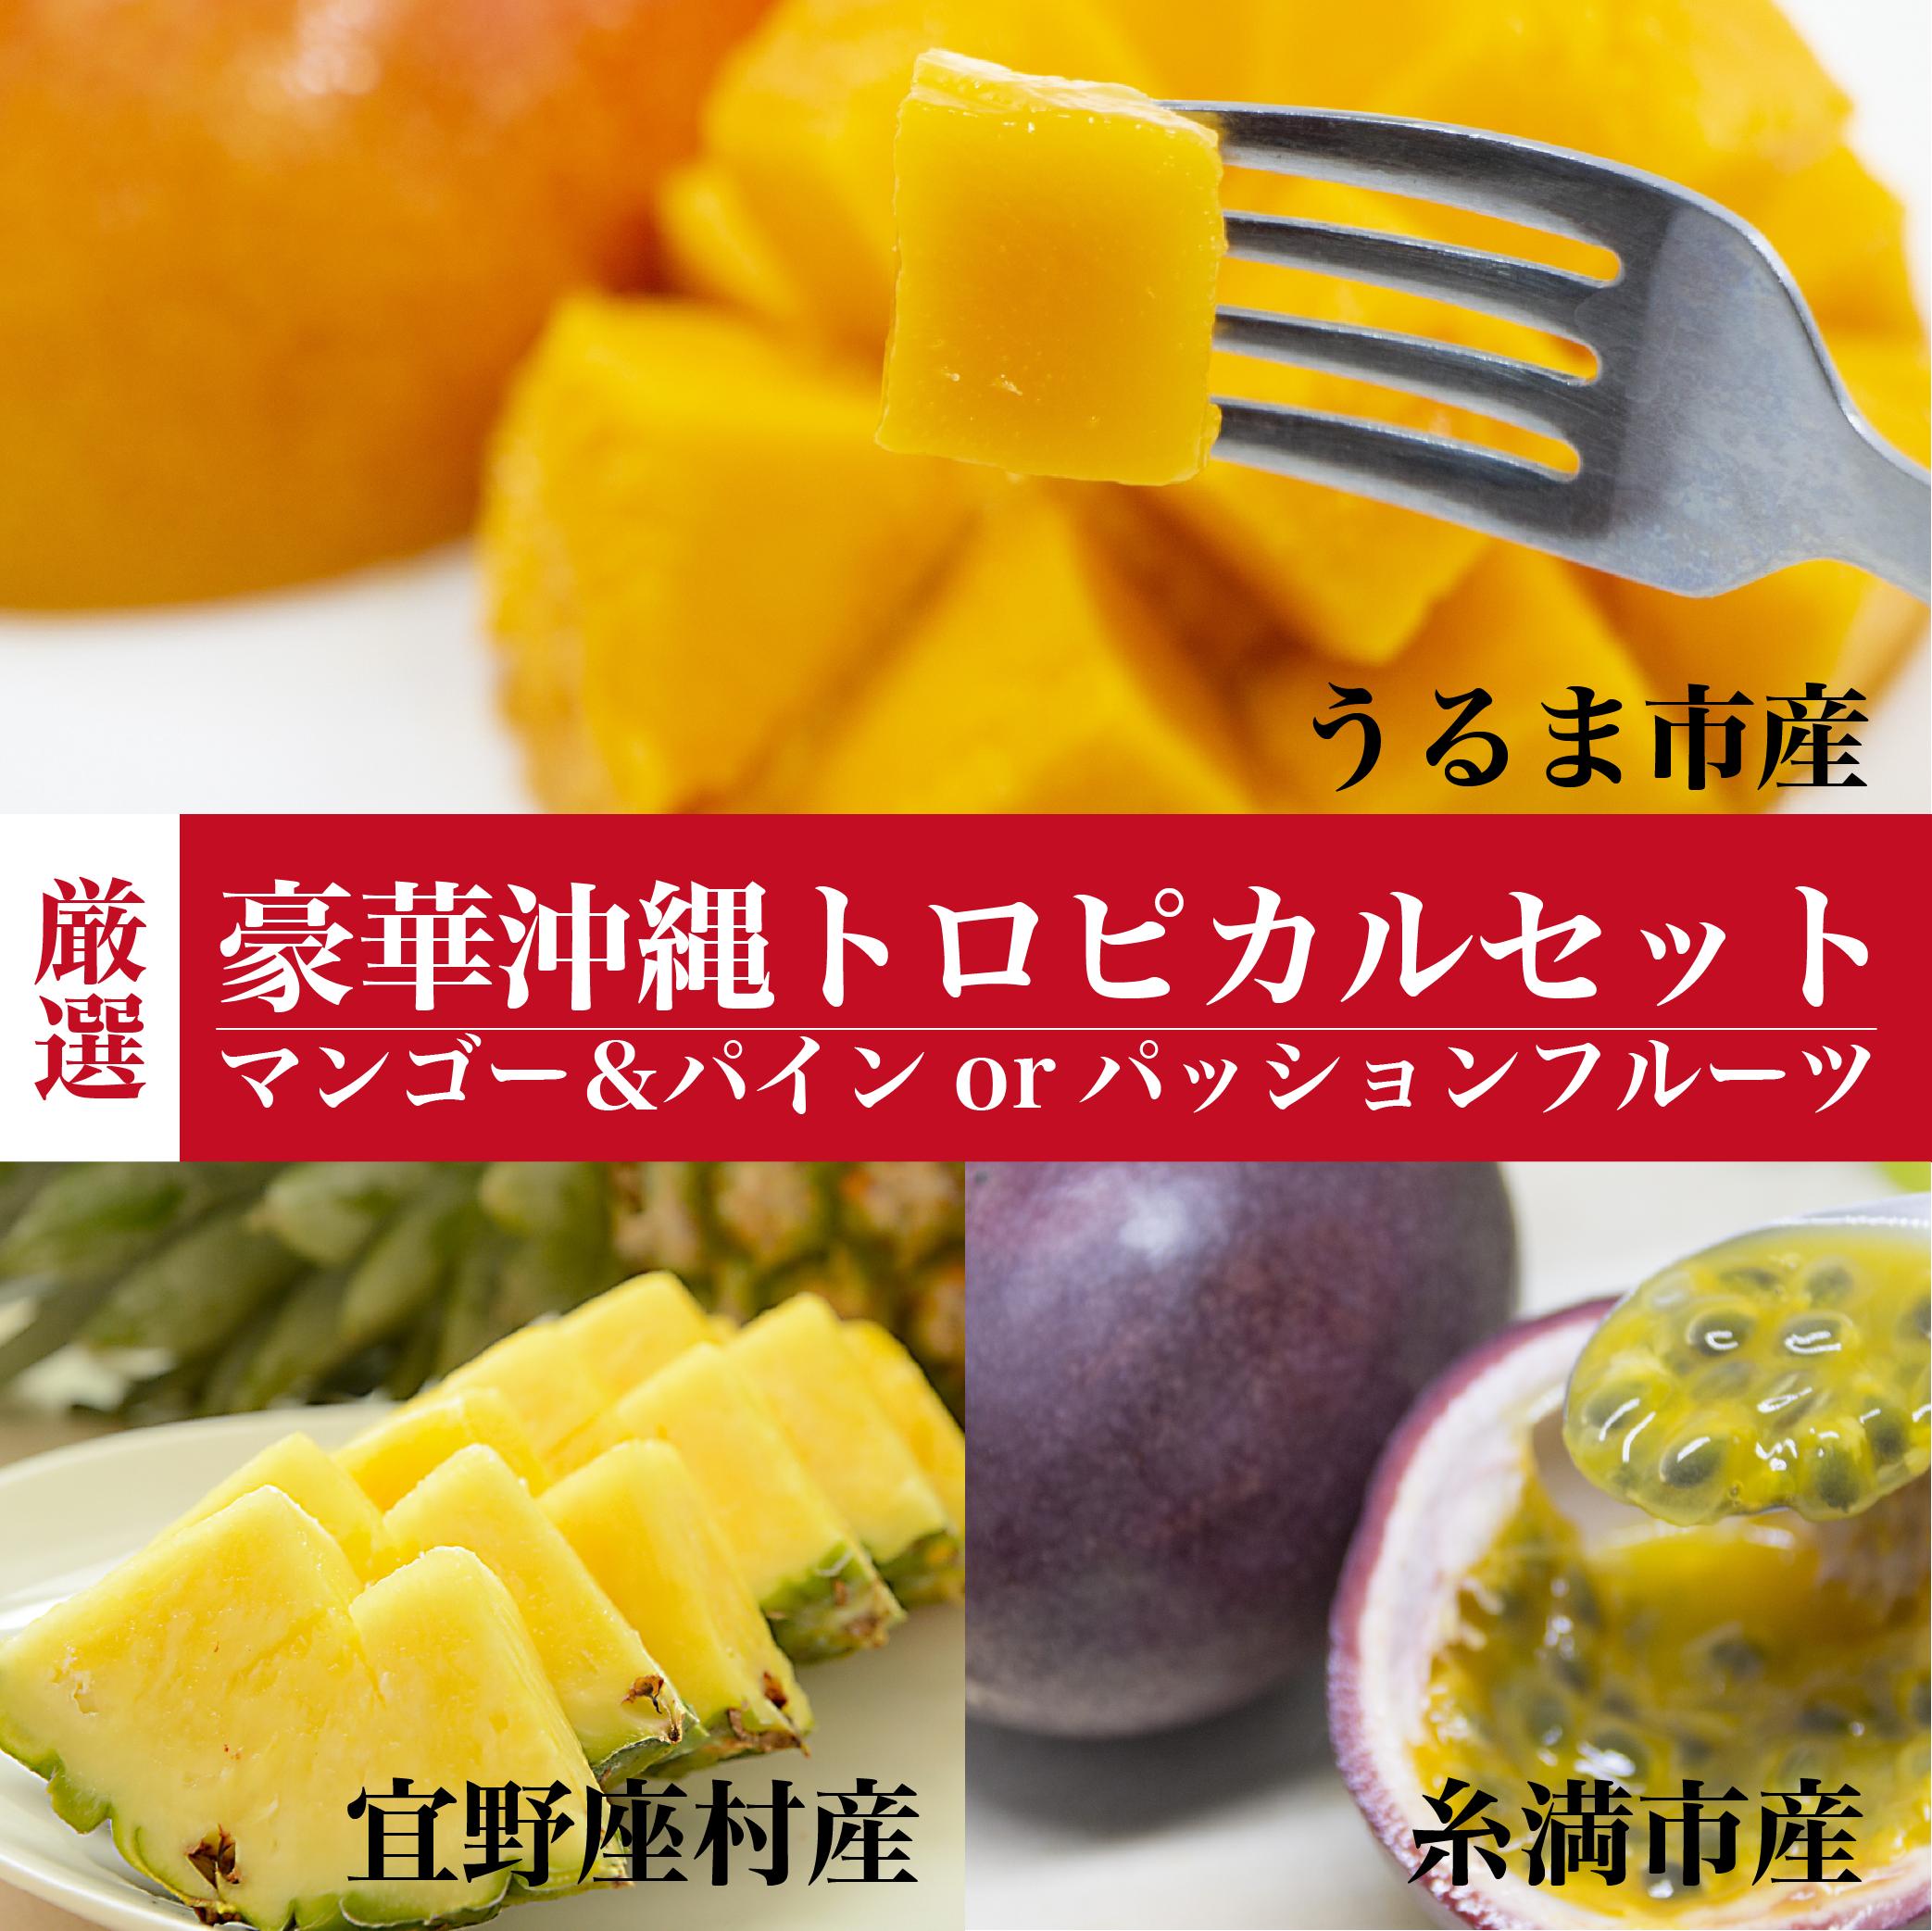 厳選|豪華沖縄トロピカルセット|マンゴー&パインorパッションフルーツ|うるマルシェ通販|ネットスーパー|野菜セット|直売所